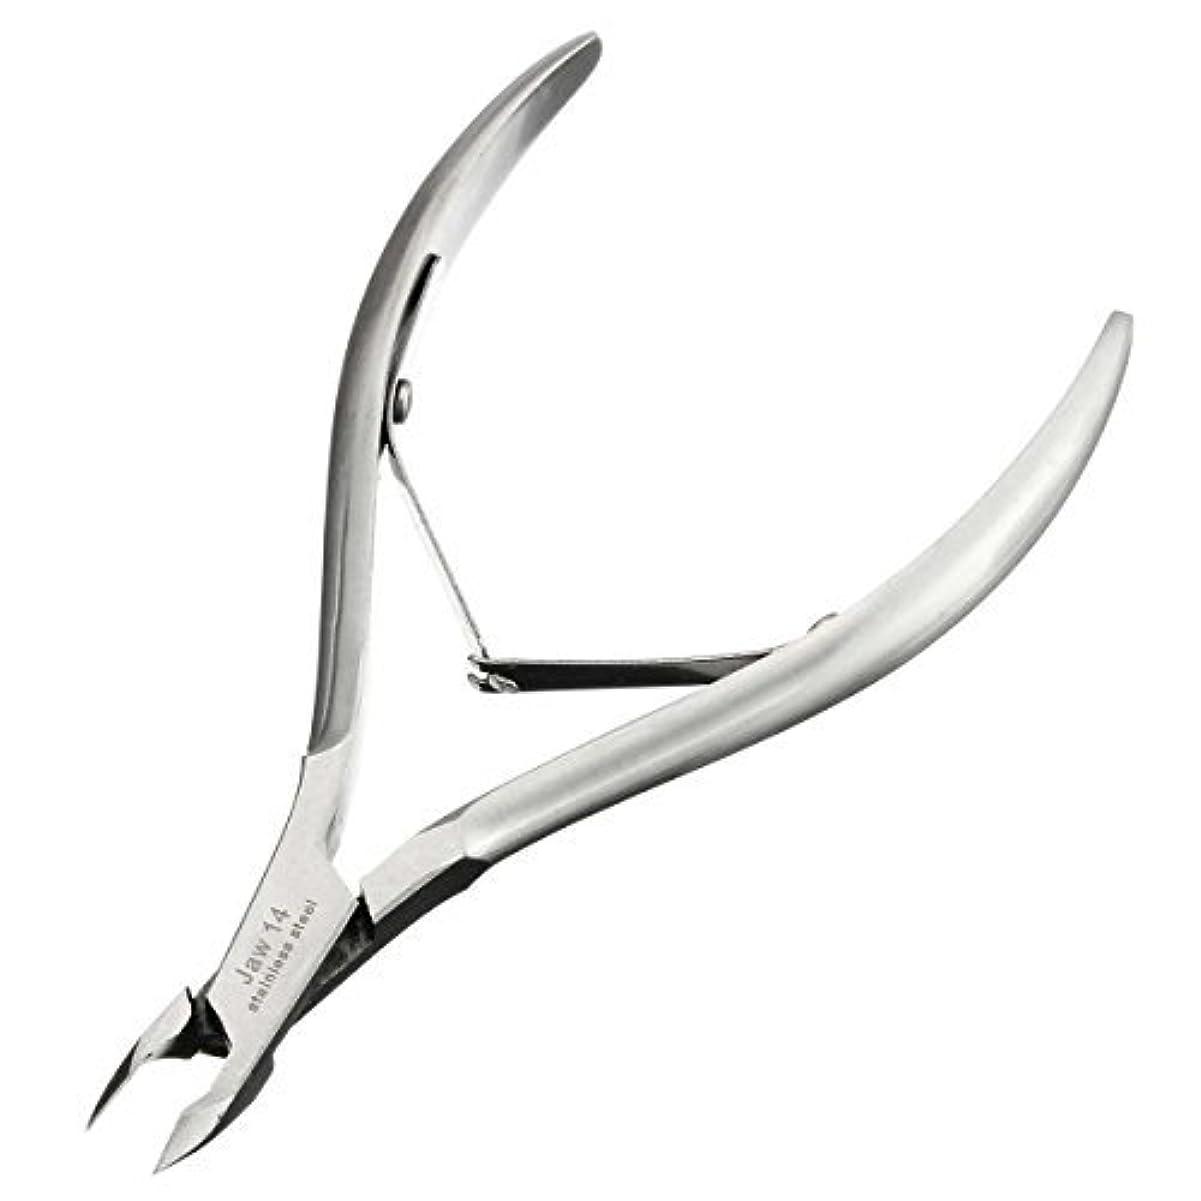 妥協嫌な狭いキューティクルニッパーD-07C LuckyFine ネールケア  ネイル道具 甘皮切り 爪切り シルバー